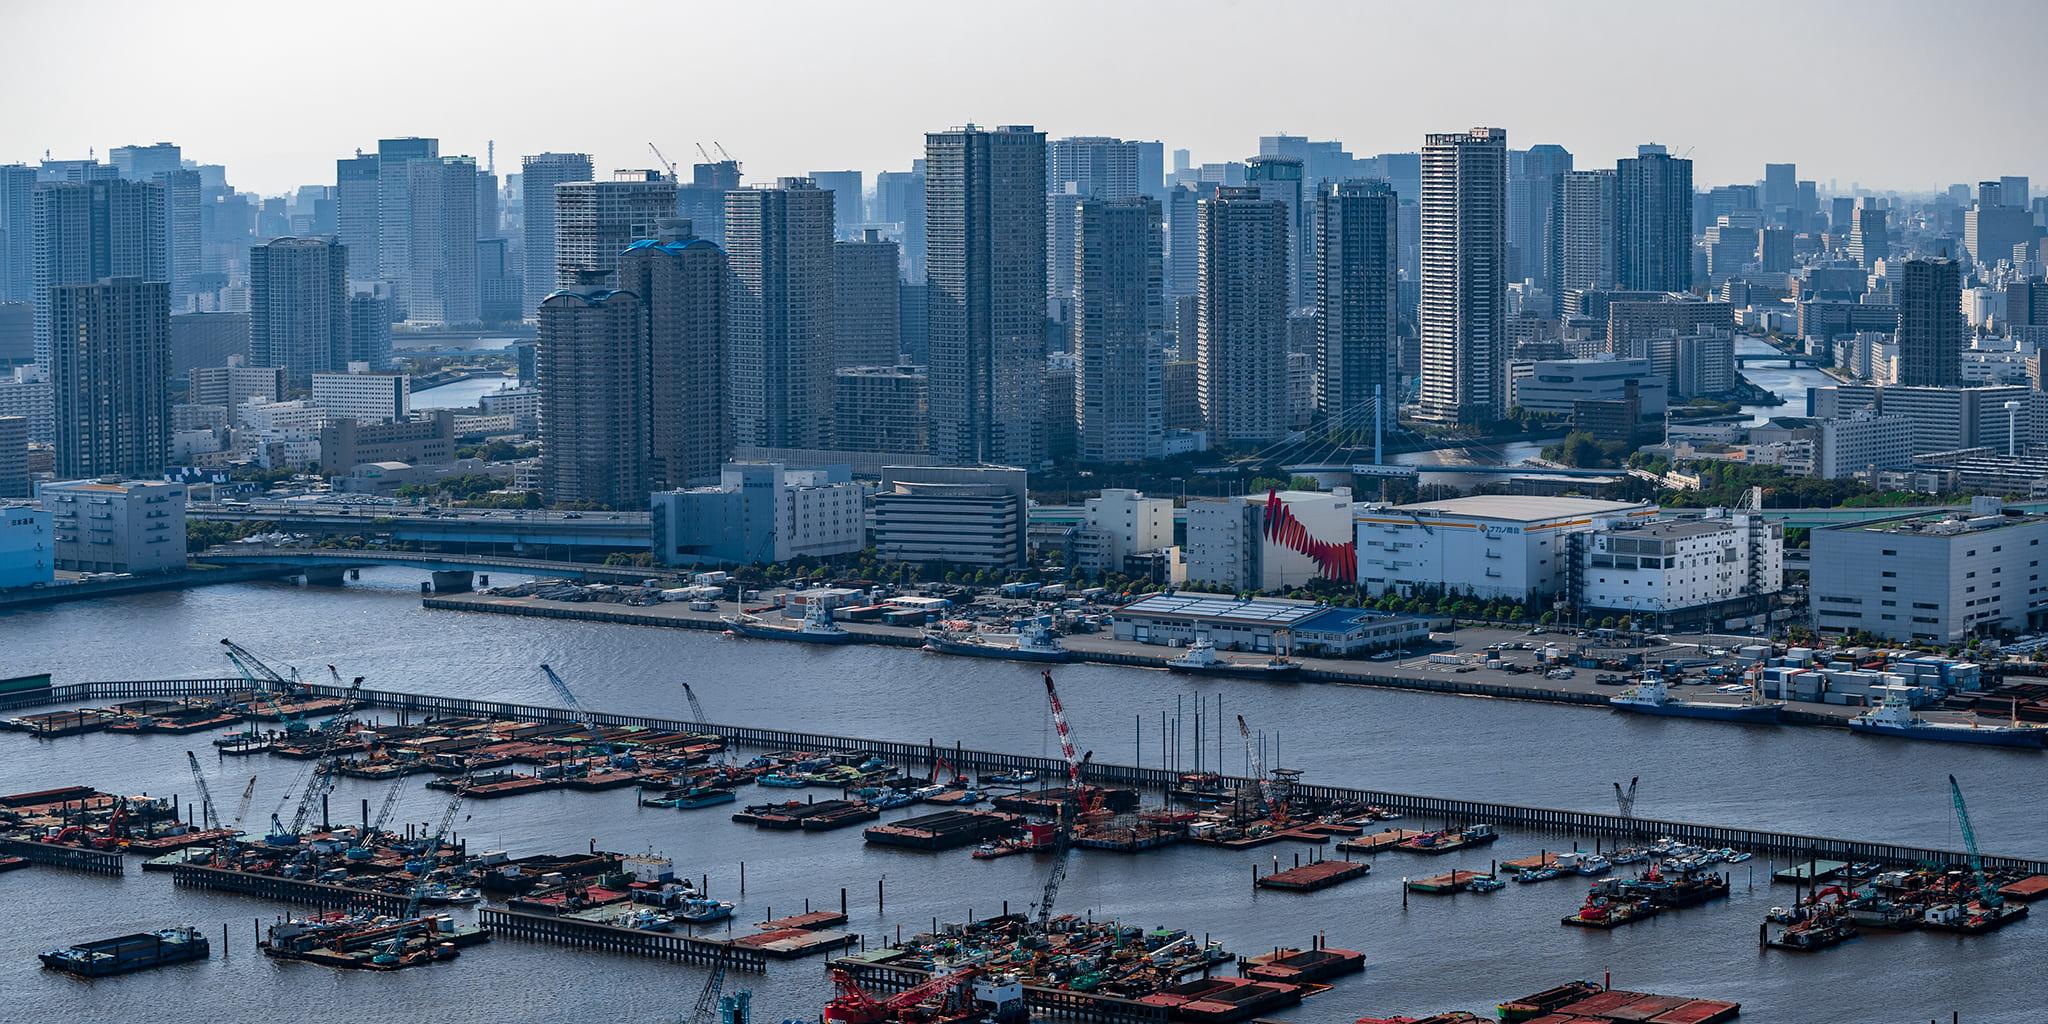 ヘリコプターで東京上空をフライトして見える東京湾